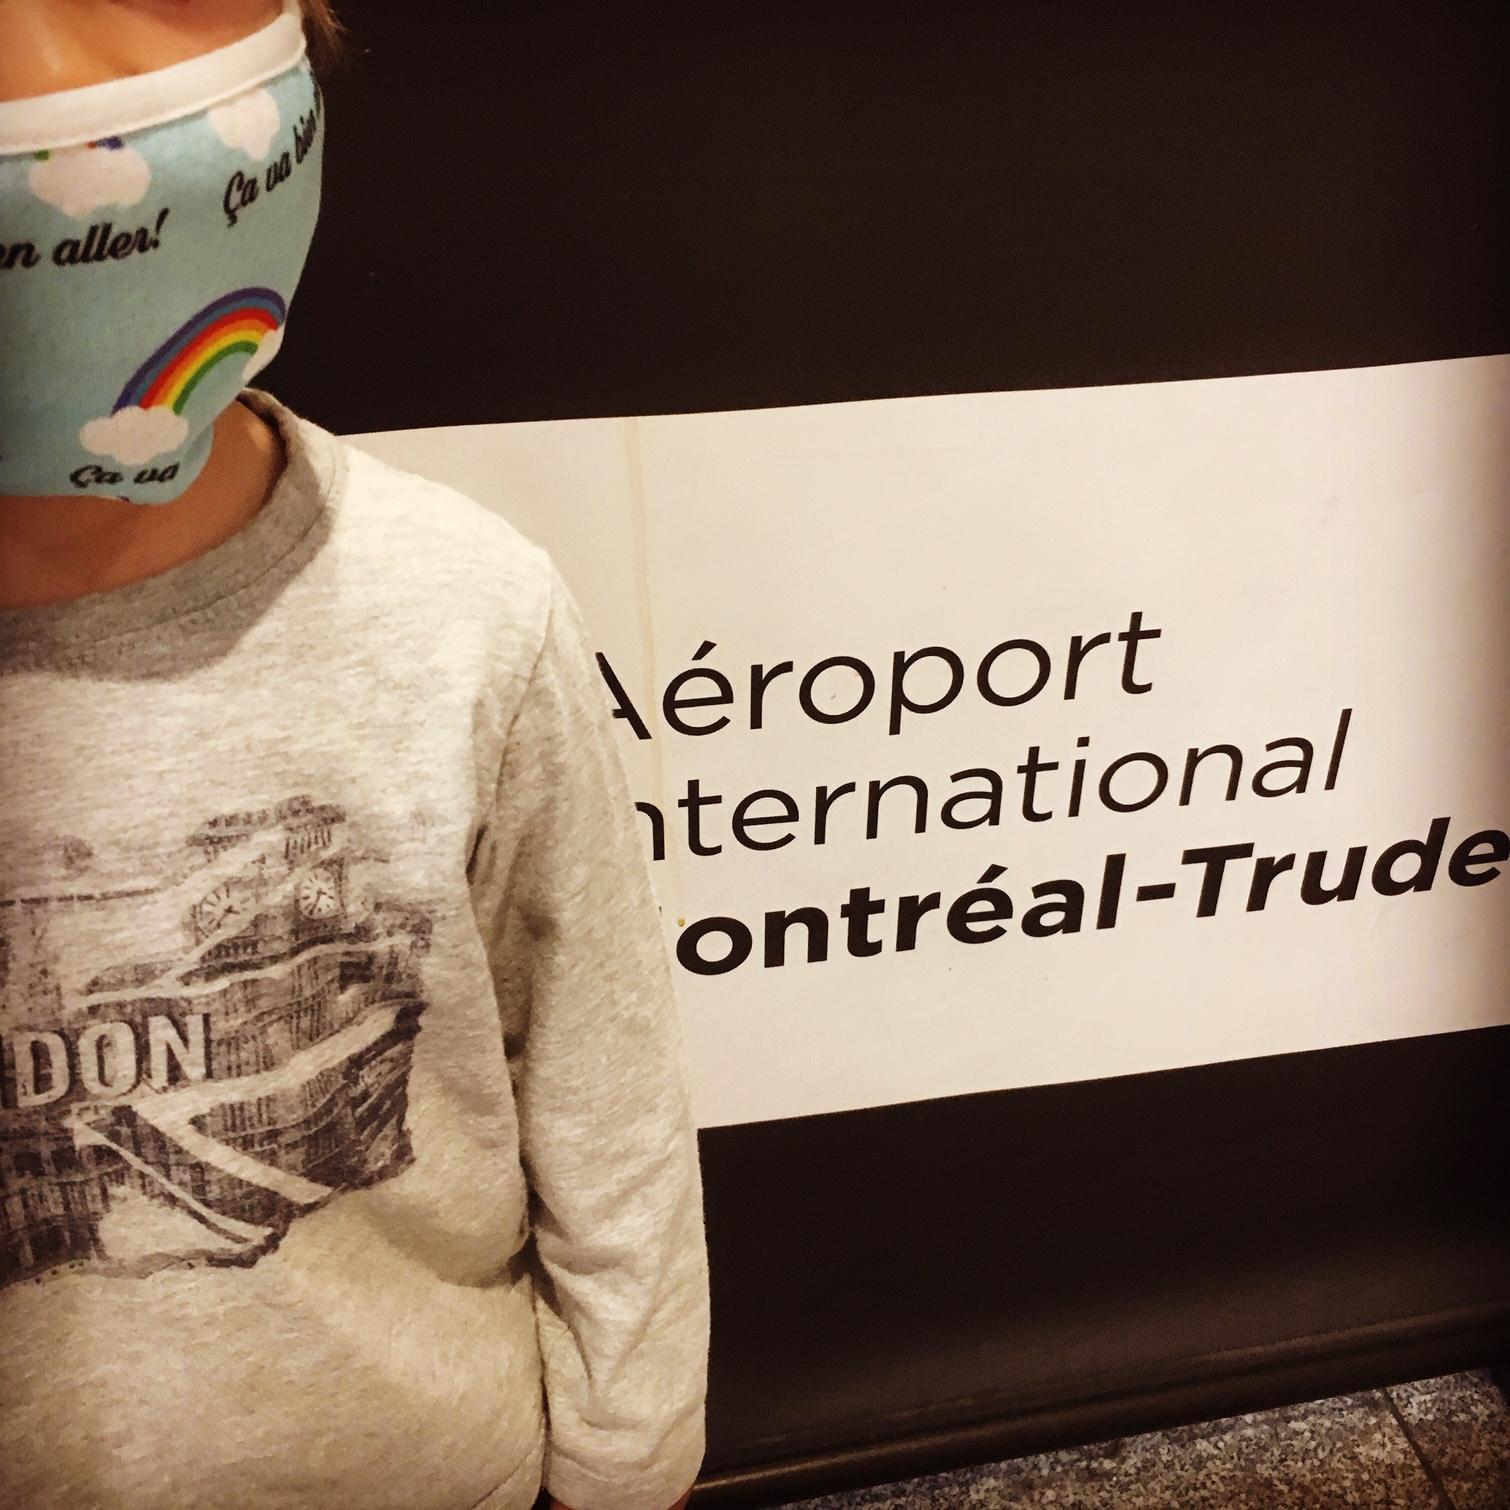 Récit d'un voyage en avion entre Montréal et Paris pendant la crise du Coronavirus